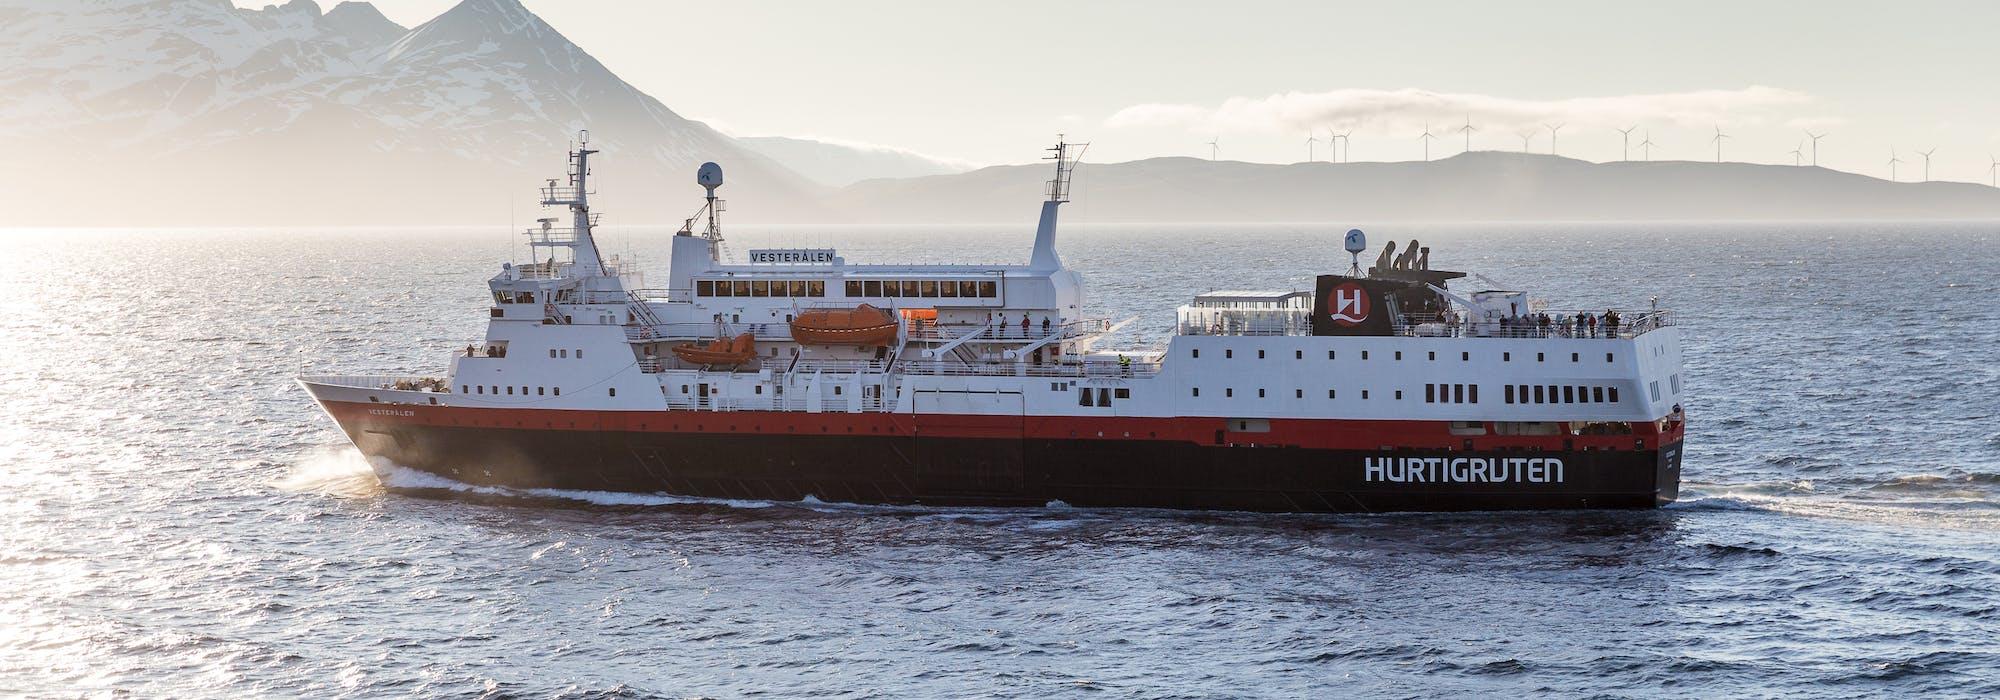 Hurtigrutens fartyg MS Vesterålen kryssar fram med snötäckta berg i bakgrunden.